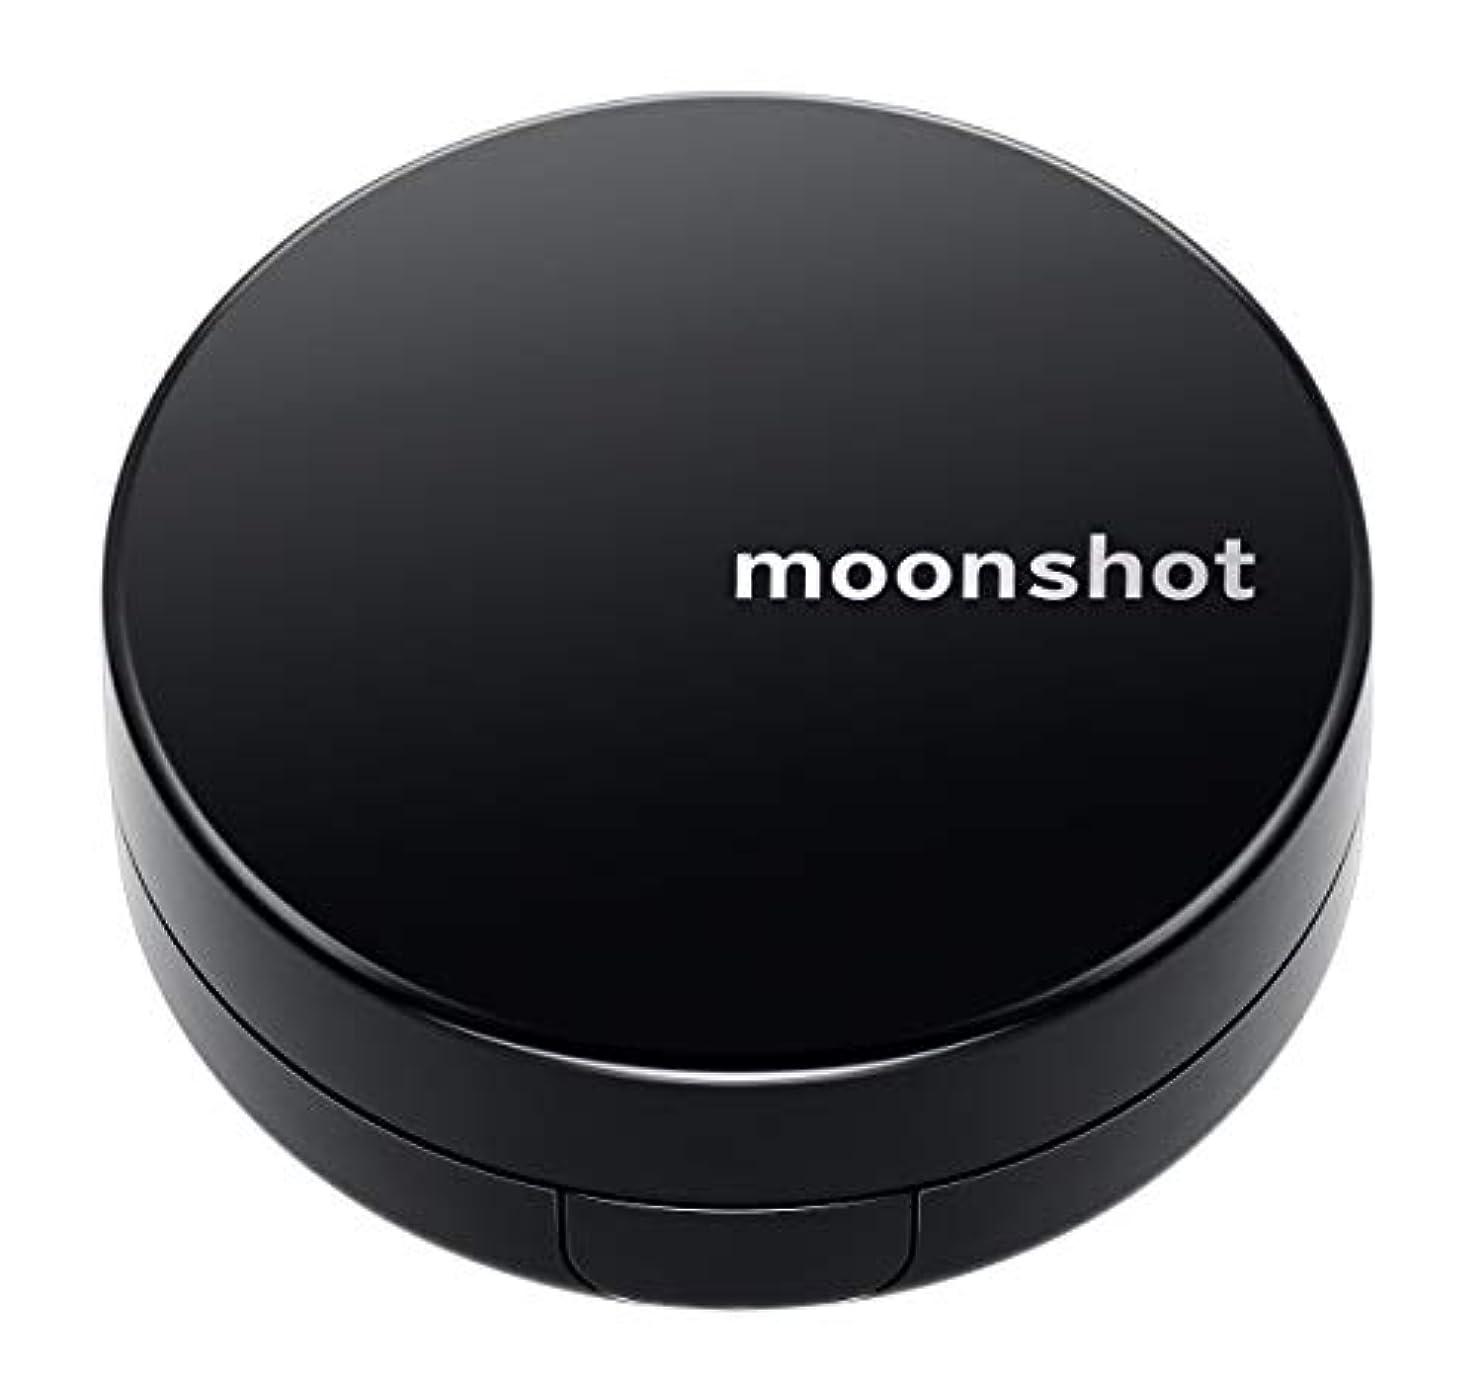 にやにや囲いうねる【moonshot × blackpink】自然なスキントーンと均一なカバー力 しわ改善 美白 紫外線遮断 ムーンショット マイクロフィットクッション301/正規品